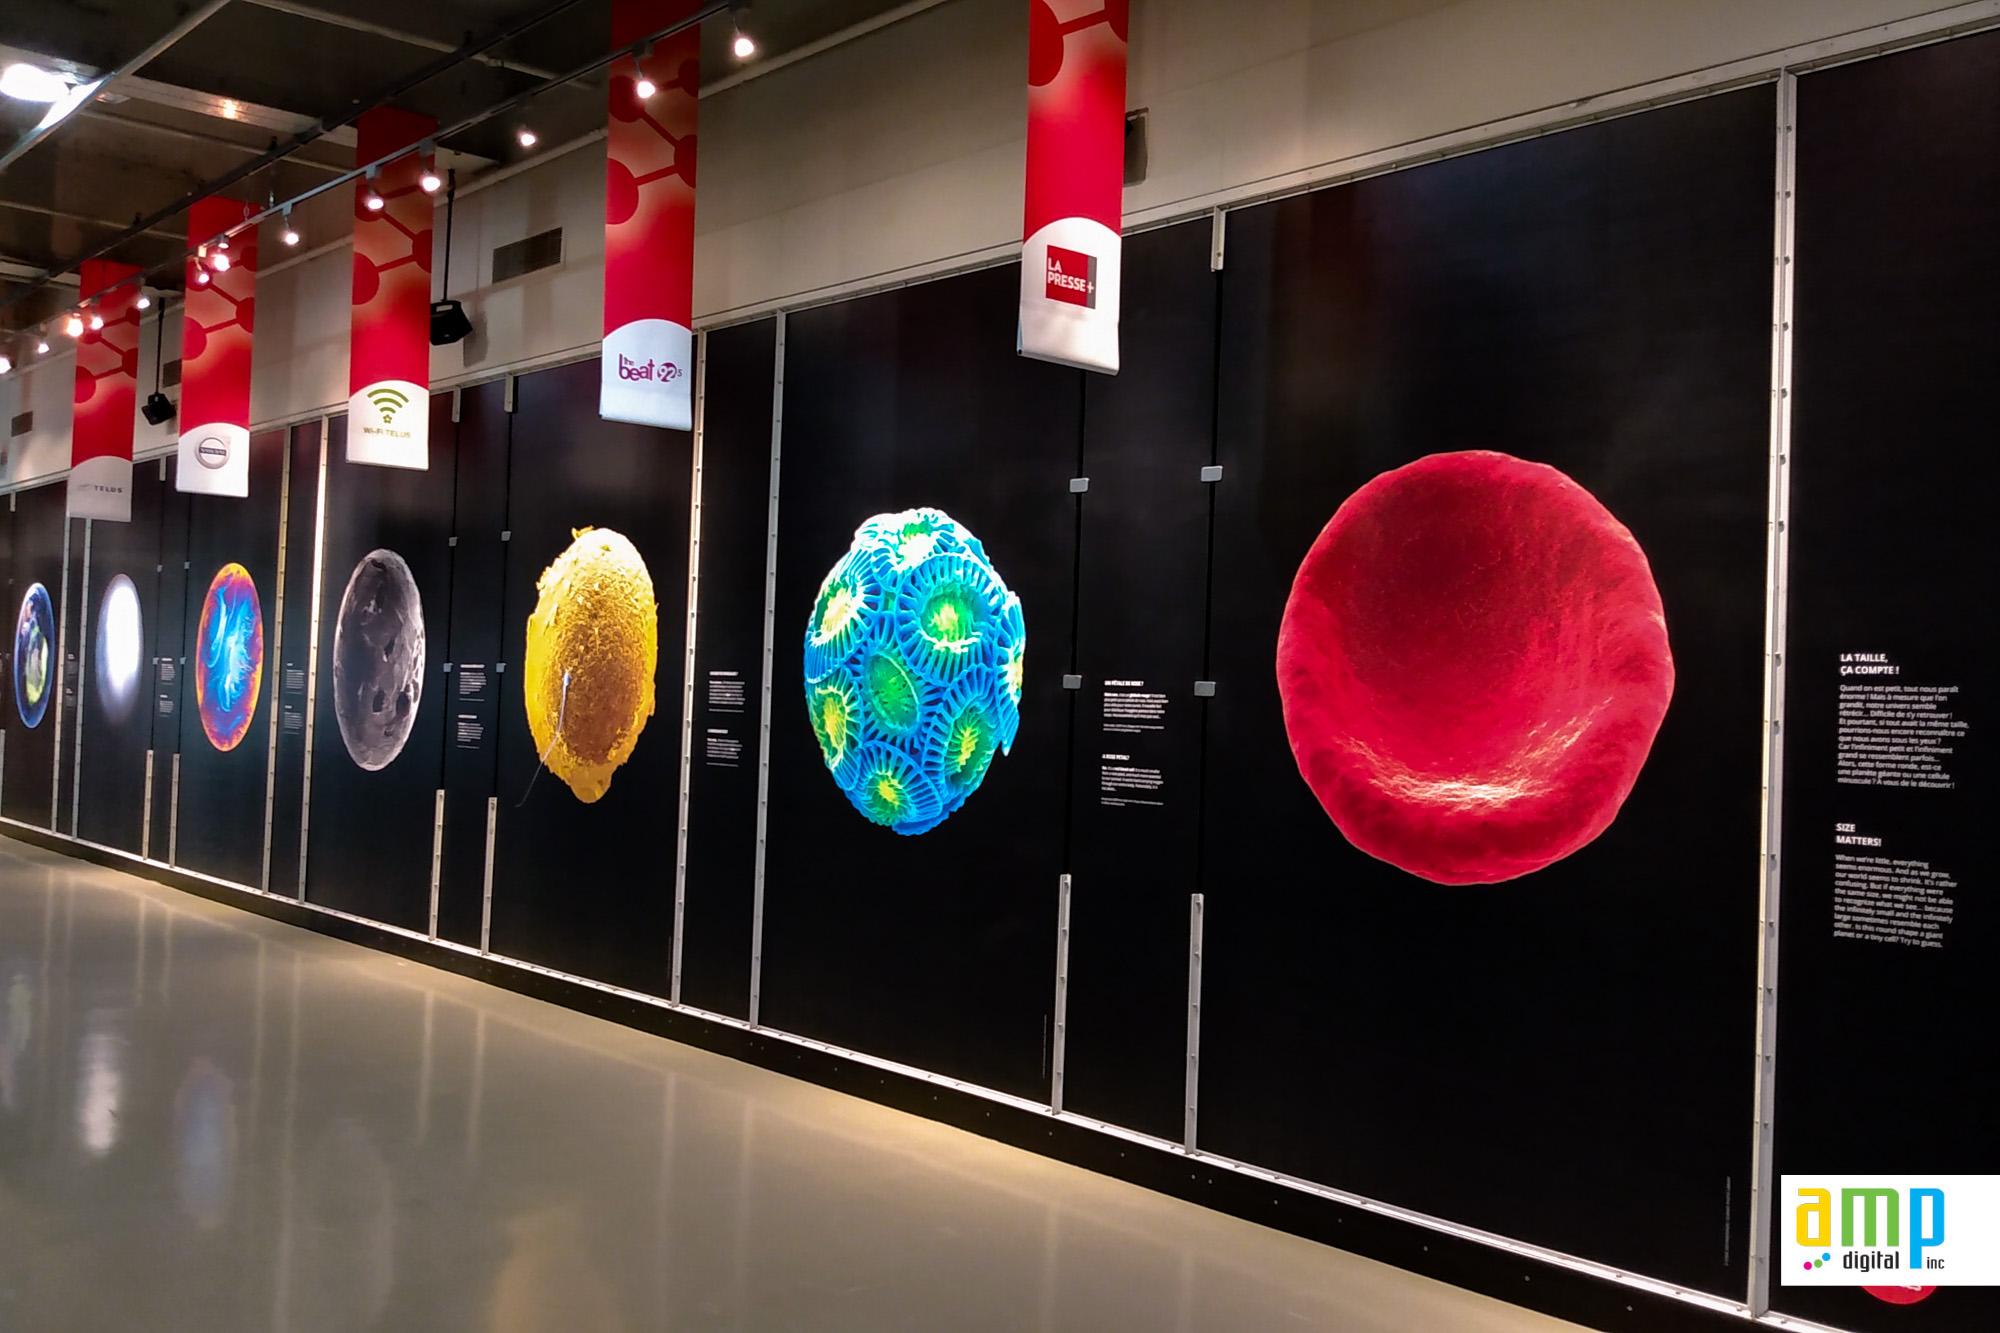 Habillage de vitrine en vinyle autocollant pour exposition au centre des sciences de Montréal